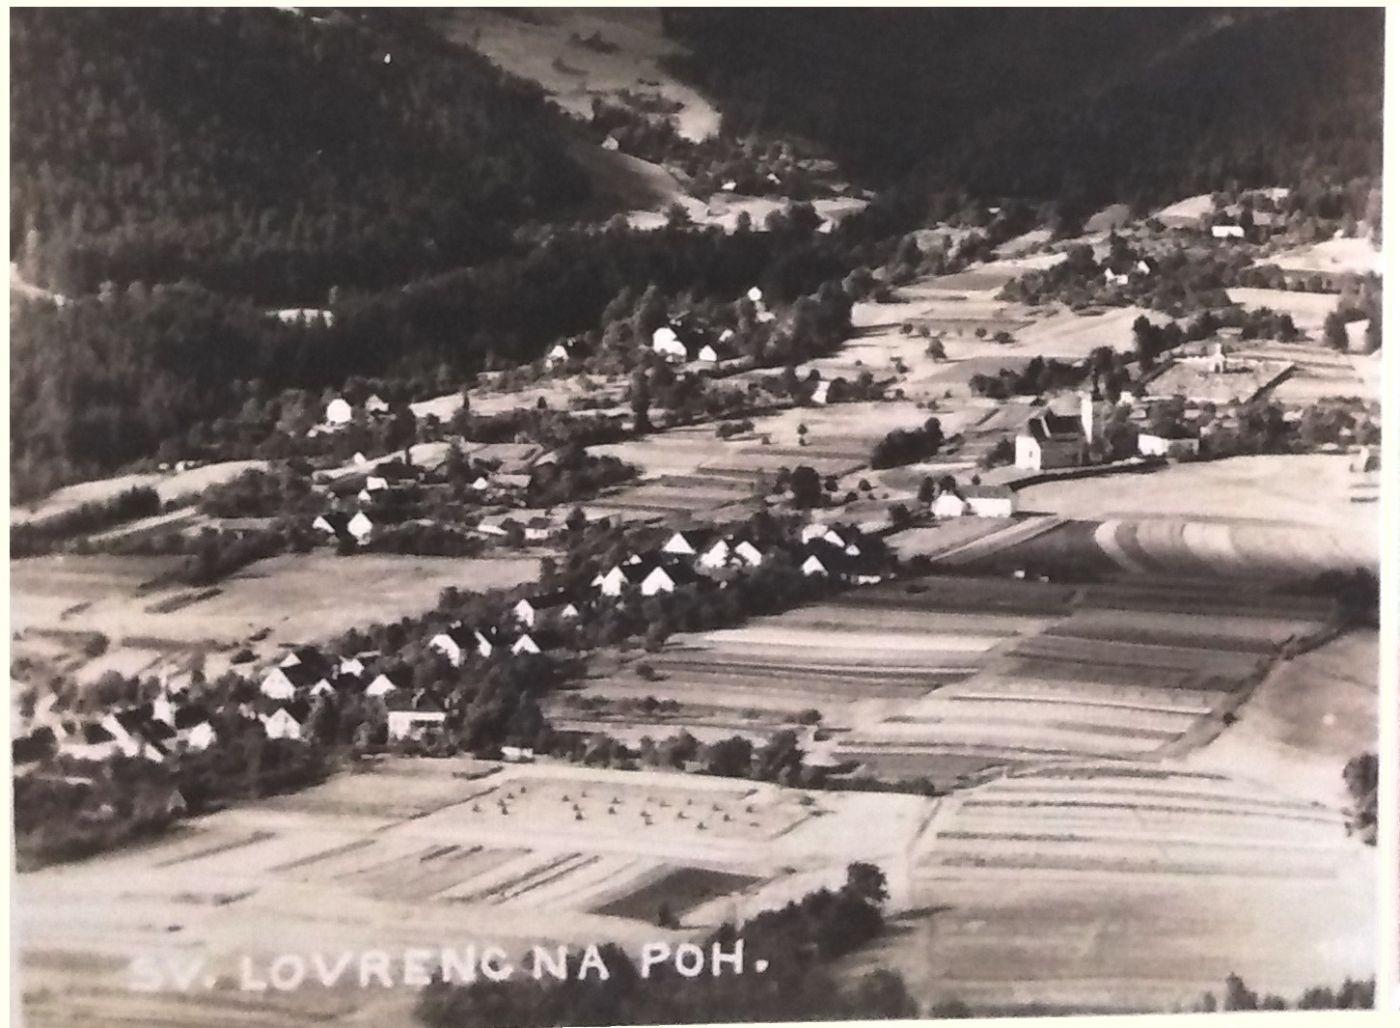 http://shramba.lovrenc.net/maxi/klepet/LovrencTrg1938.jpg